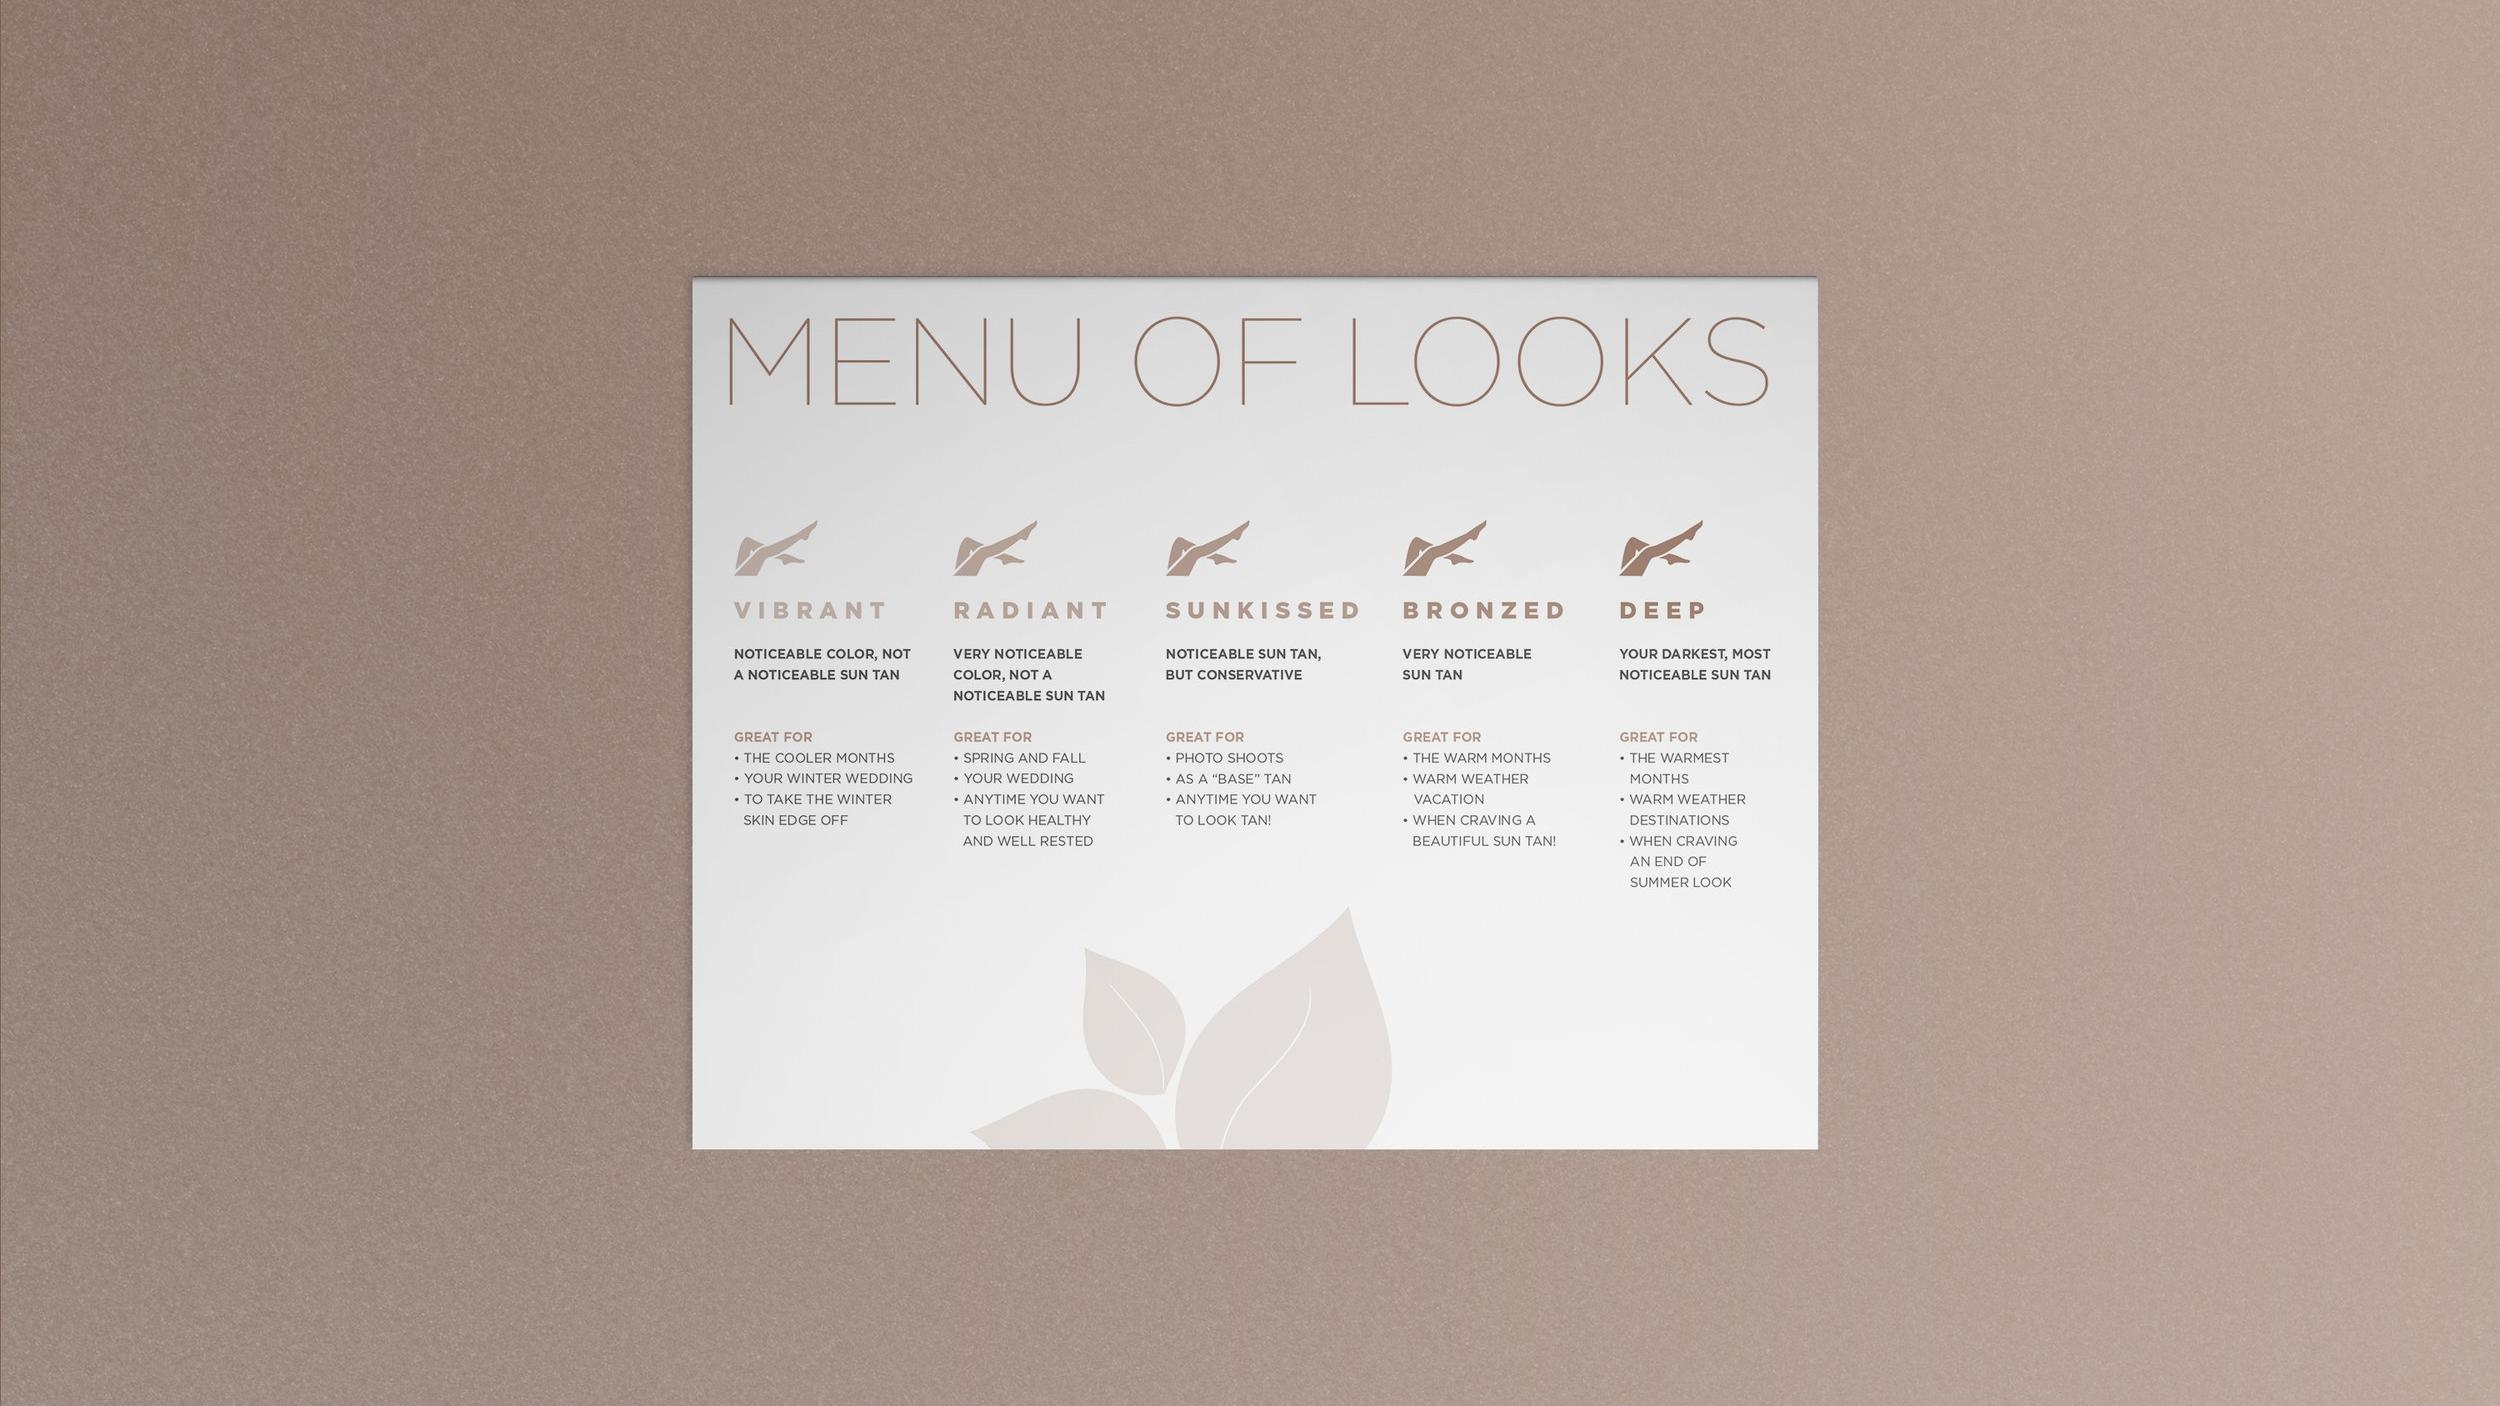 menu of looks.jpg